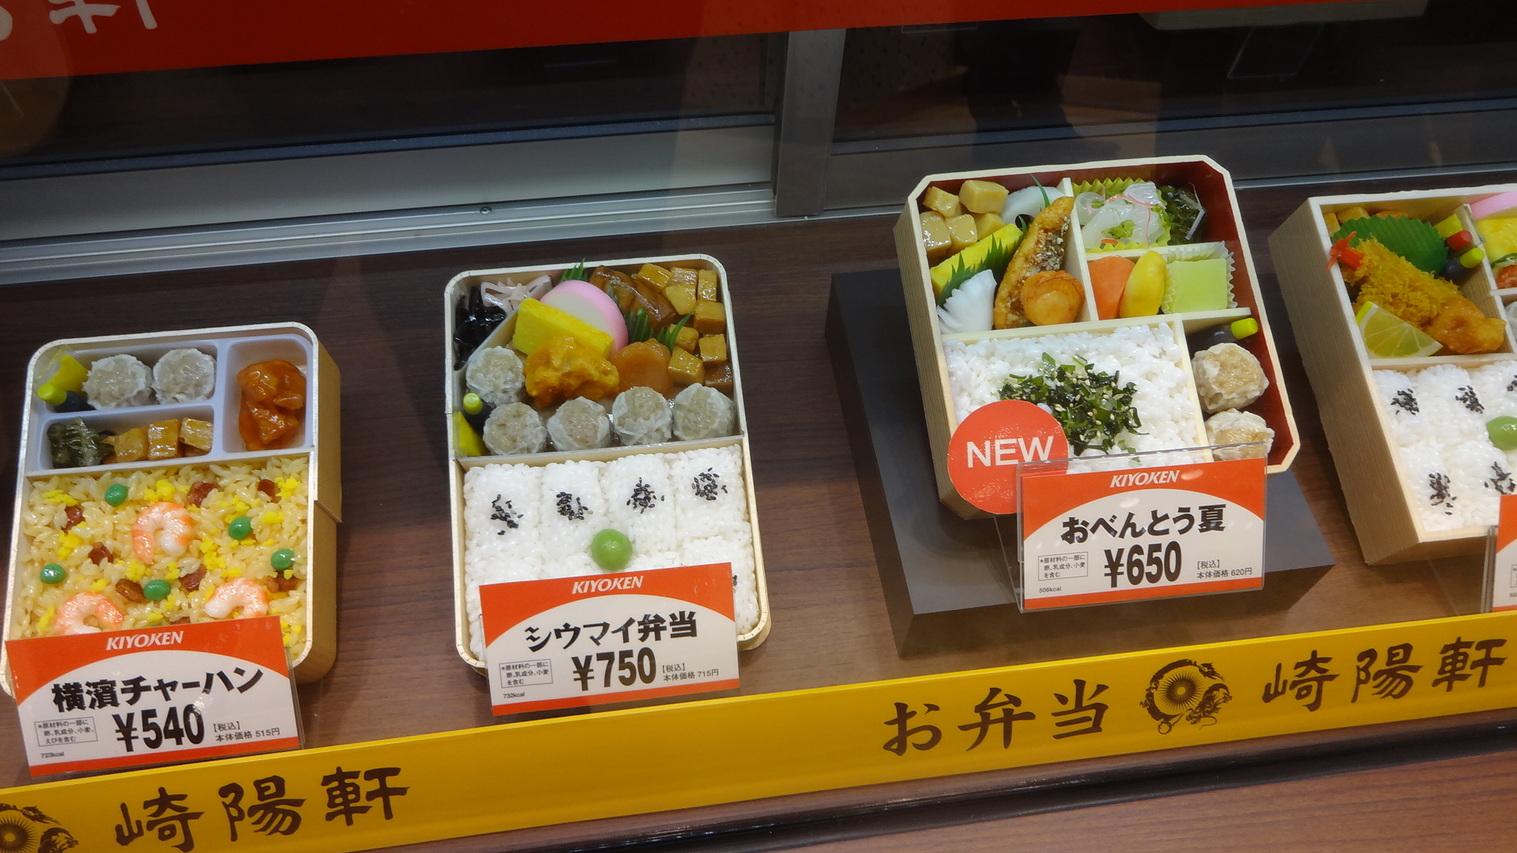 崎陽軒 武蔵小杉東急フードショースライス店